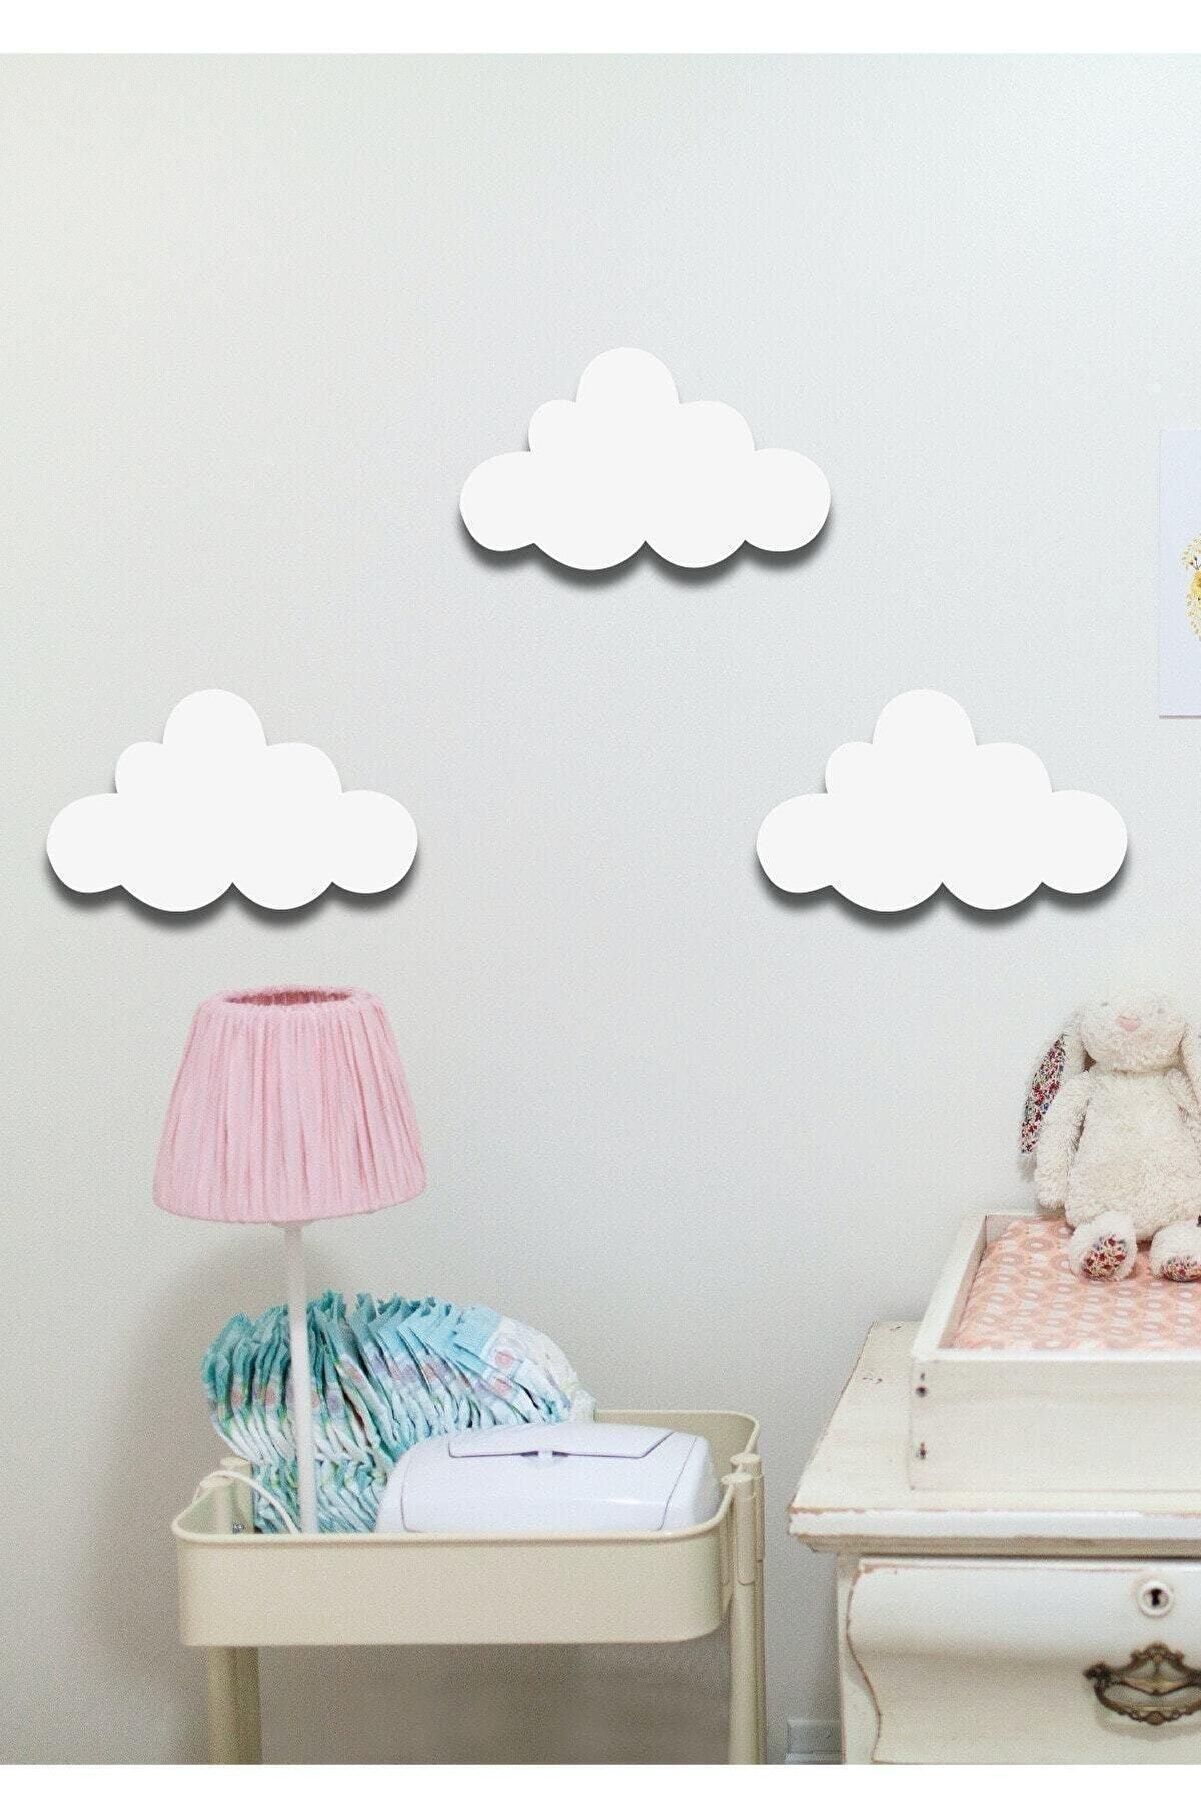 Hellove Beyaz Bulut 3 Lü Set Bulut Ahşap Duvar Dekoru Çocuk Odası Süsü